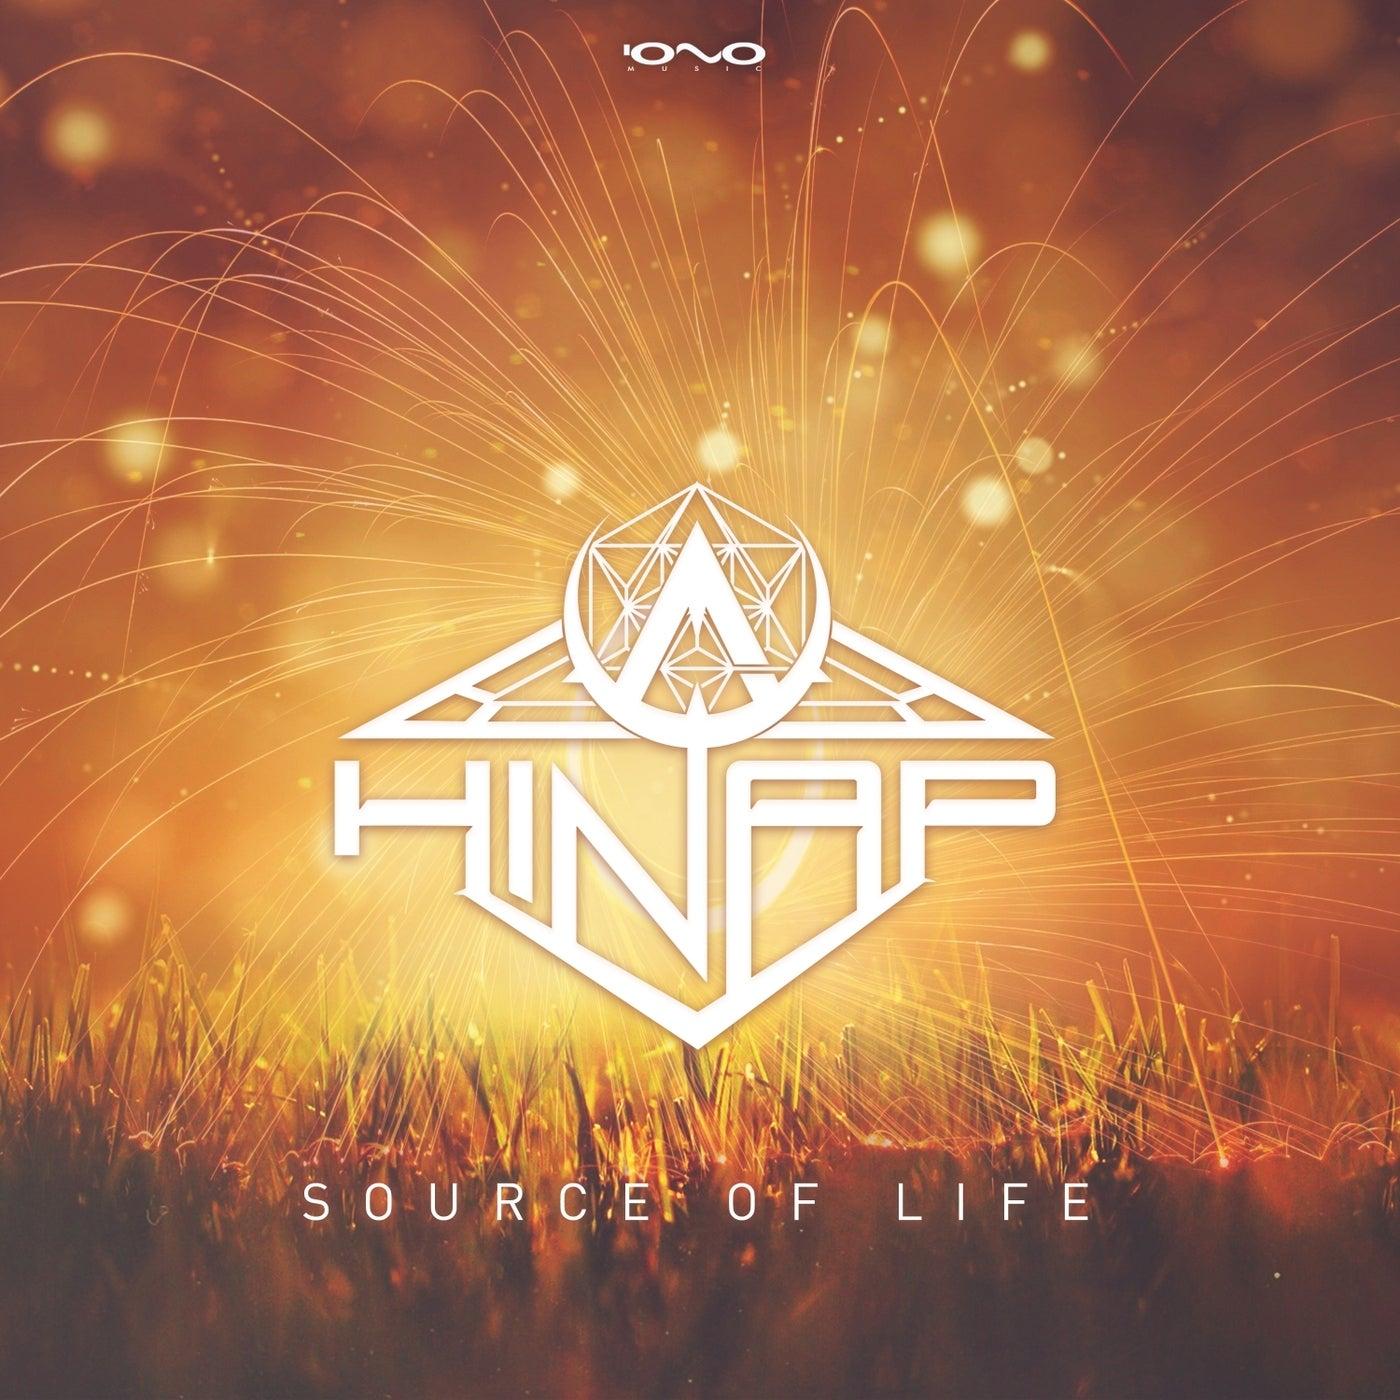 Source of Life (Original Mix)